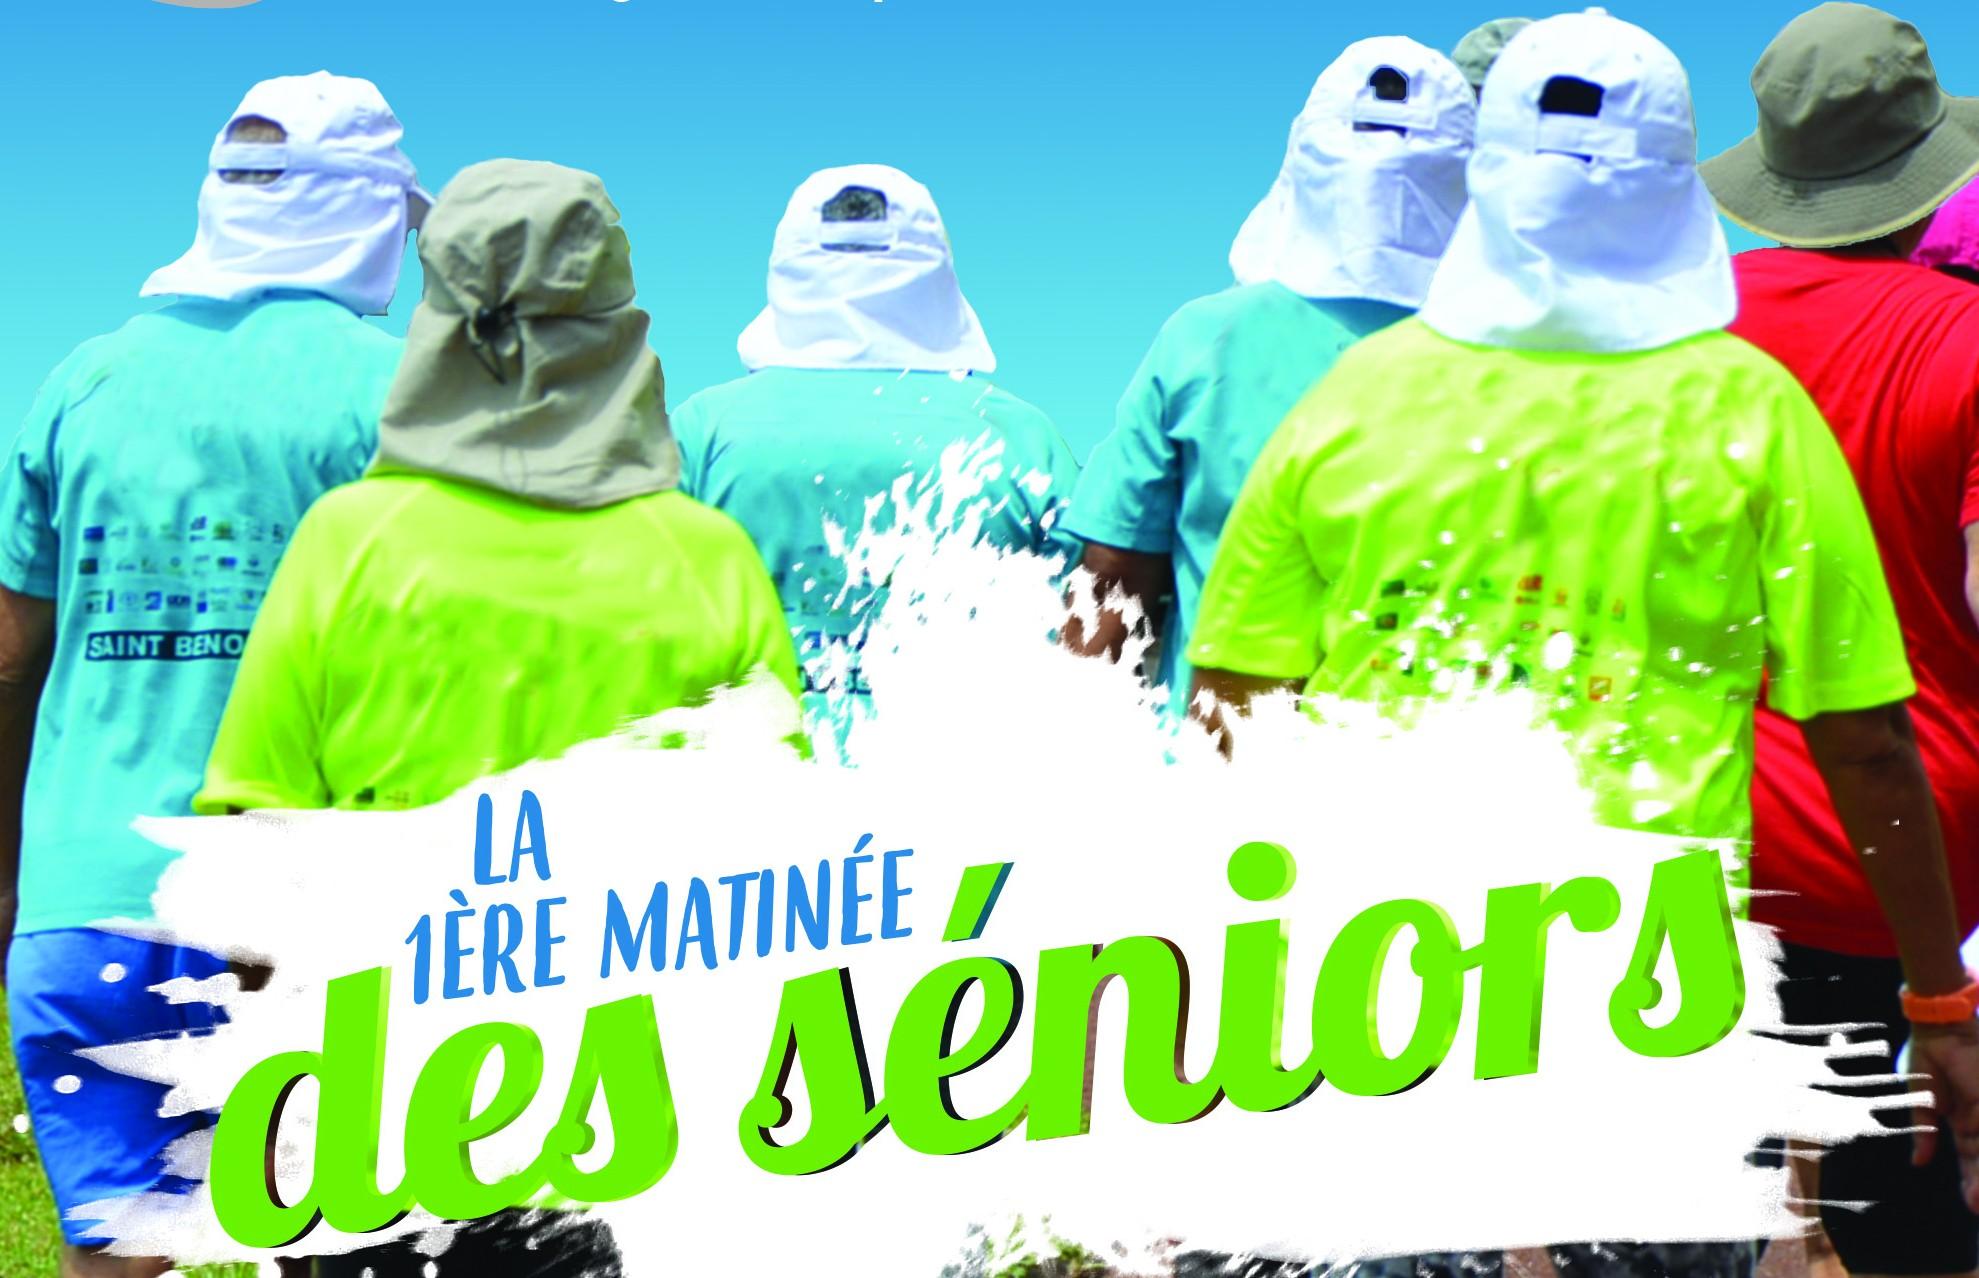 site de rencontre gay senior à Saint-Benoît